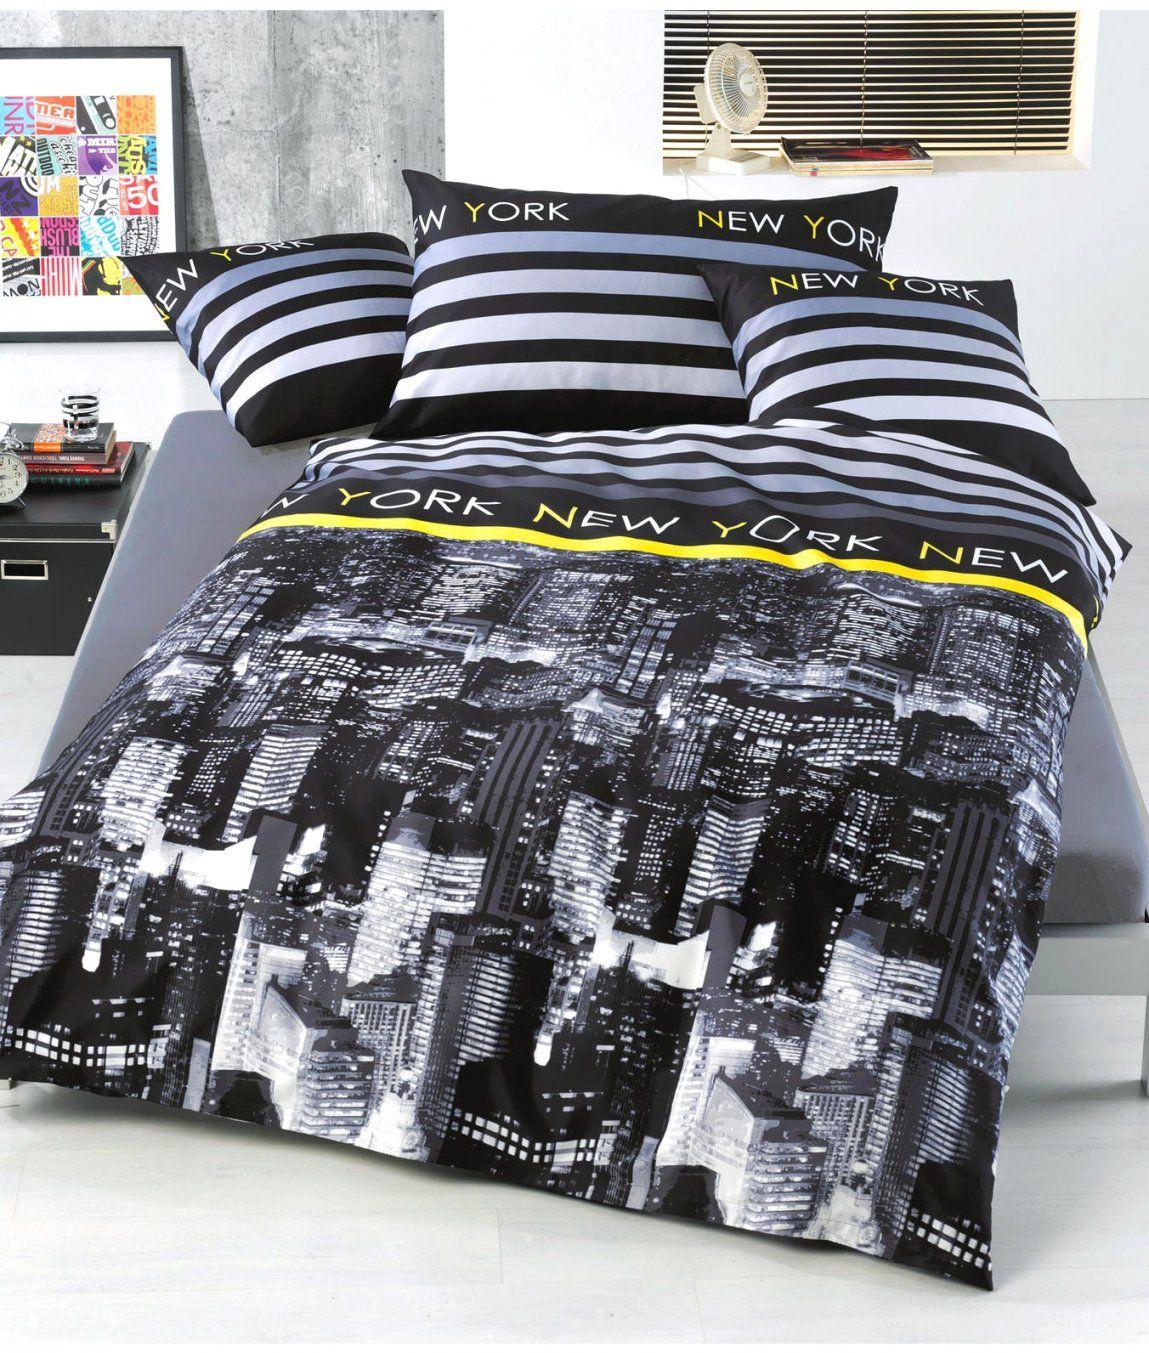 Wunderbare Ideen Bettwäsche Teenager Und Attraktive Satin New York von Bettwäsche Für Teenager Bild